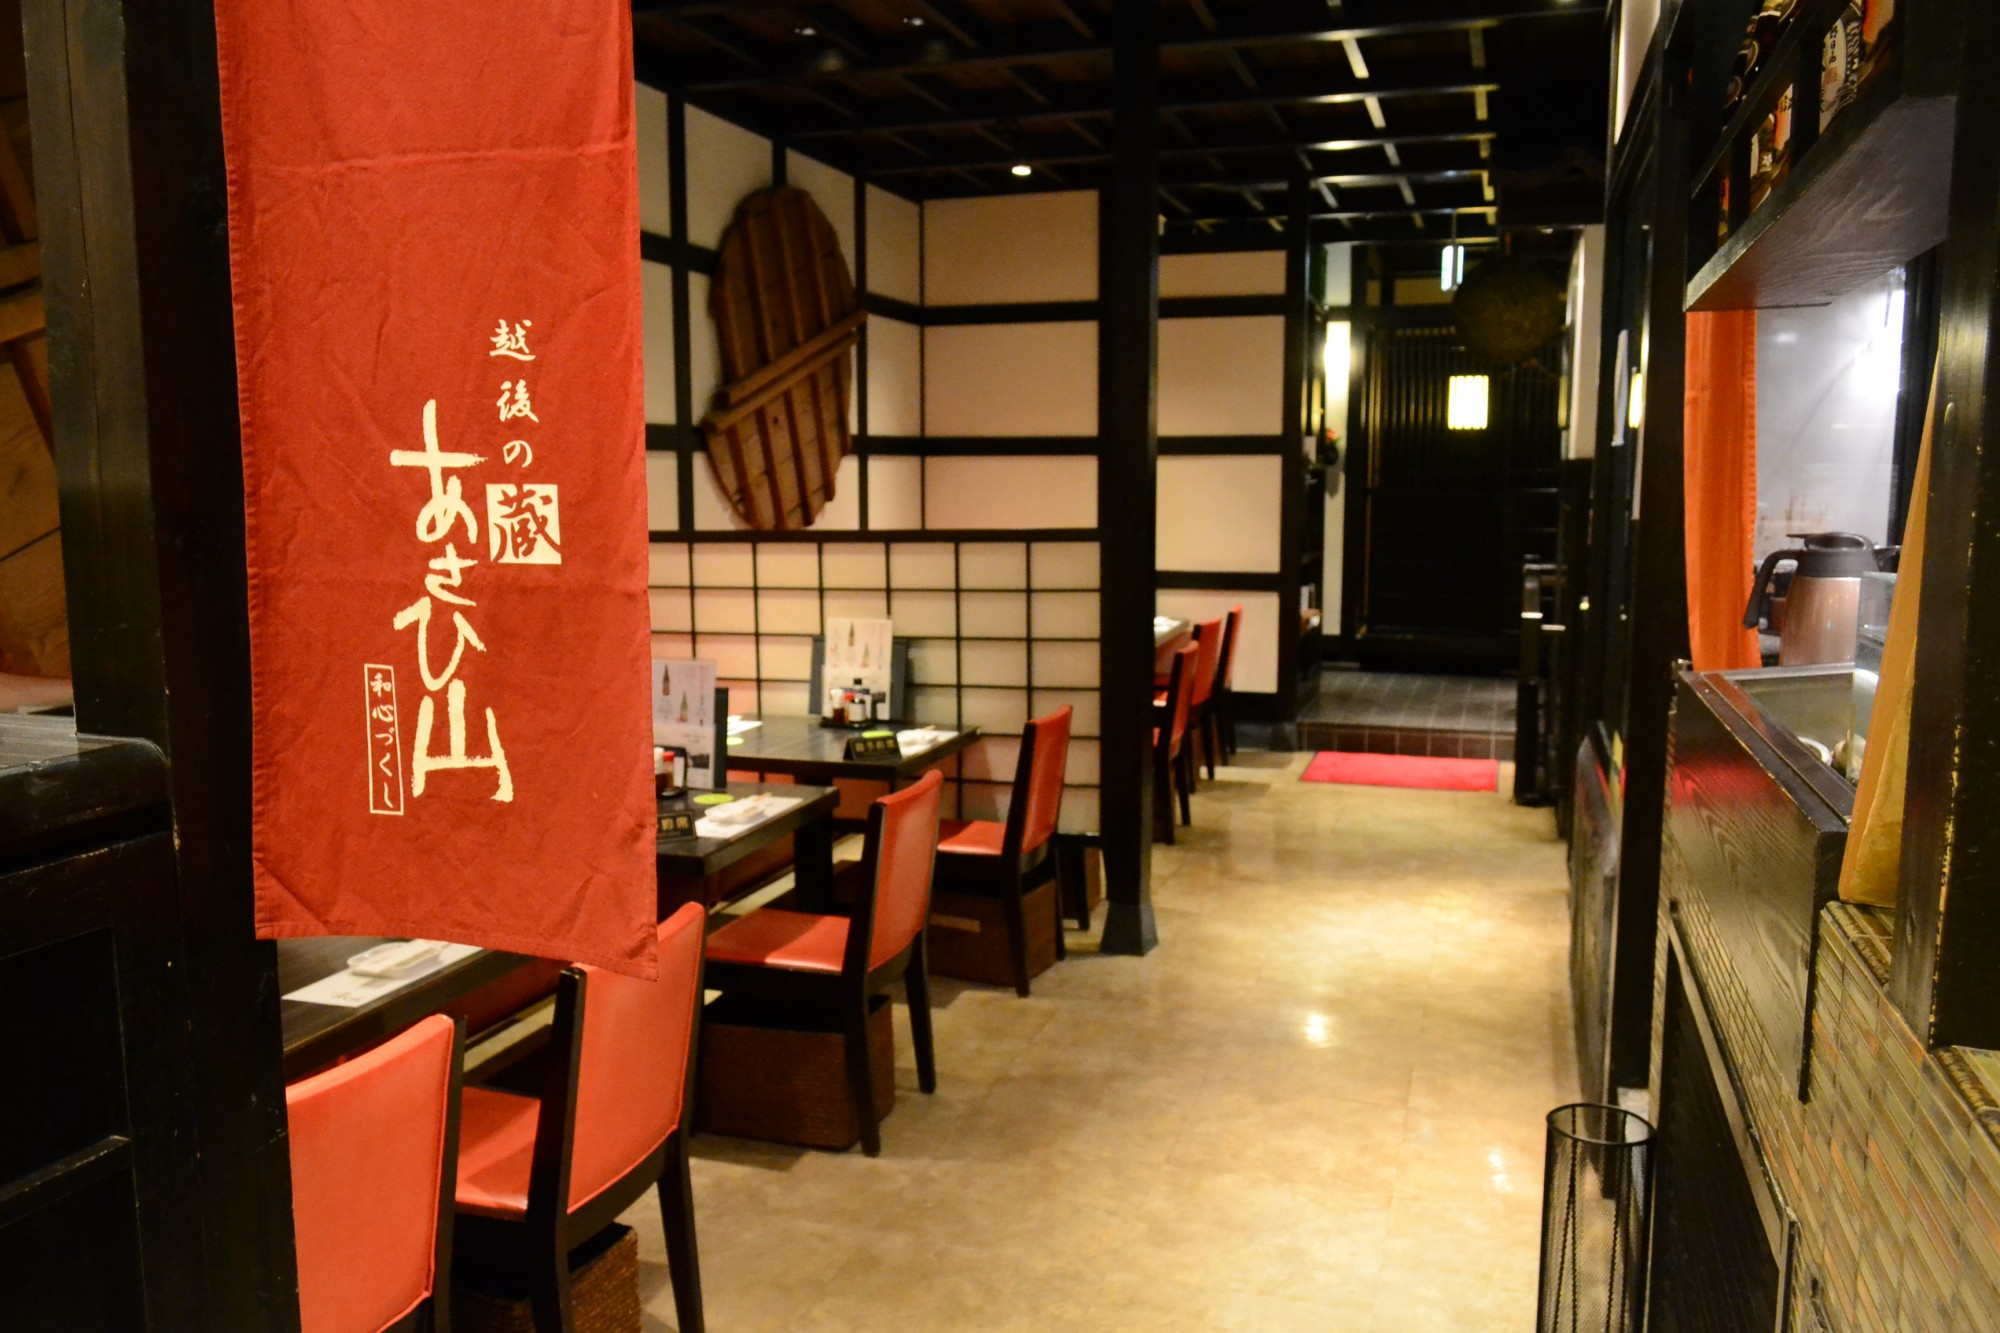 入口付近はテーブル席、奥には個室、半個室がある。